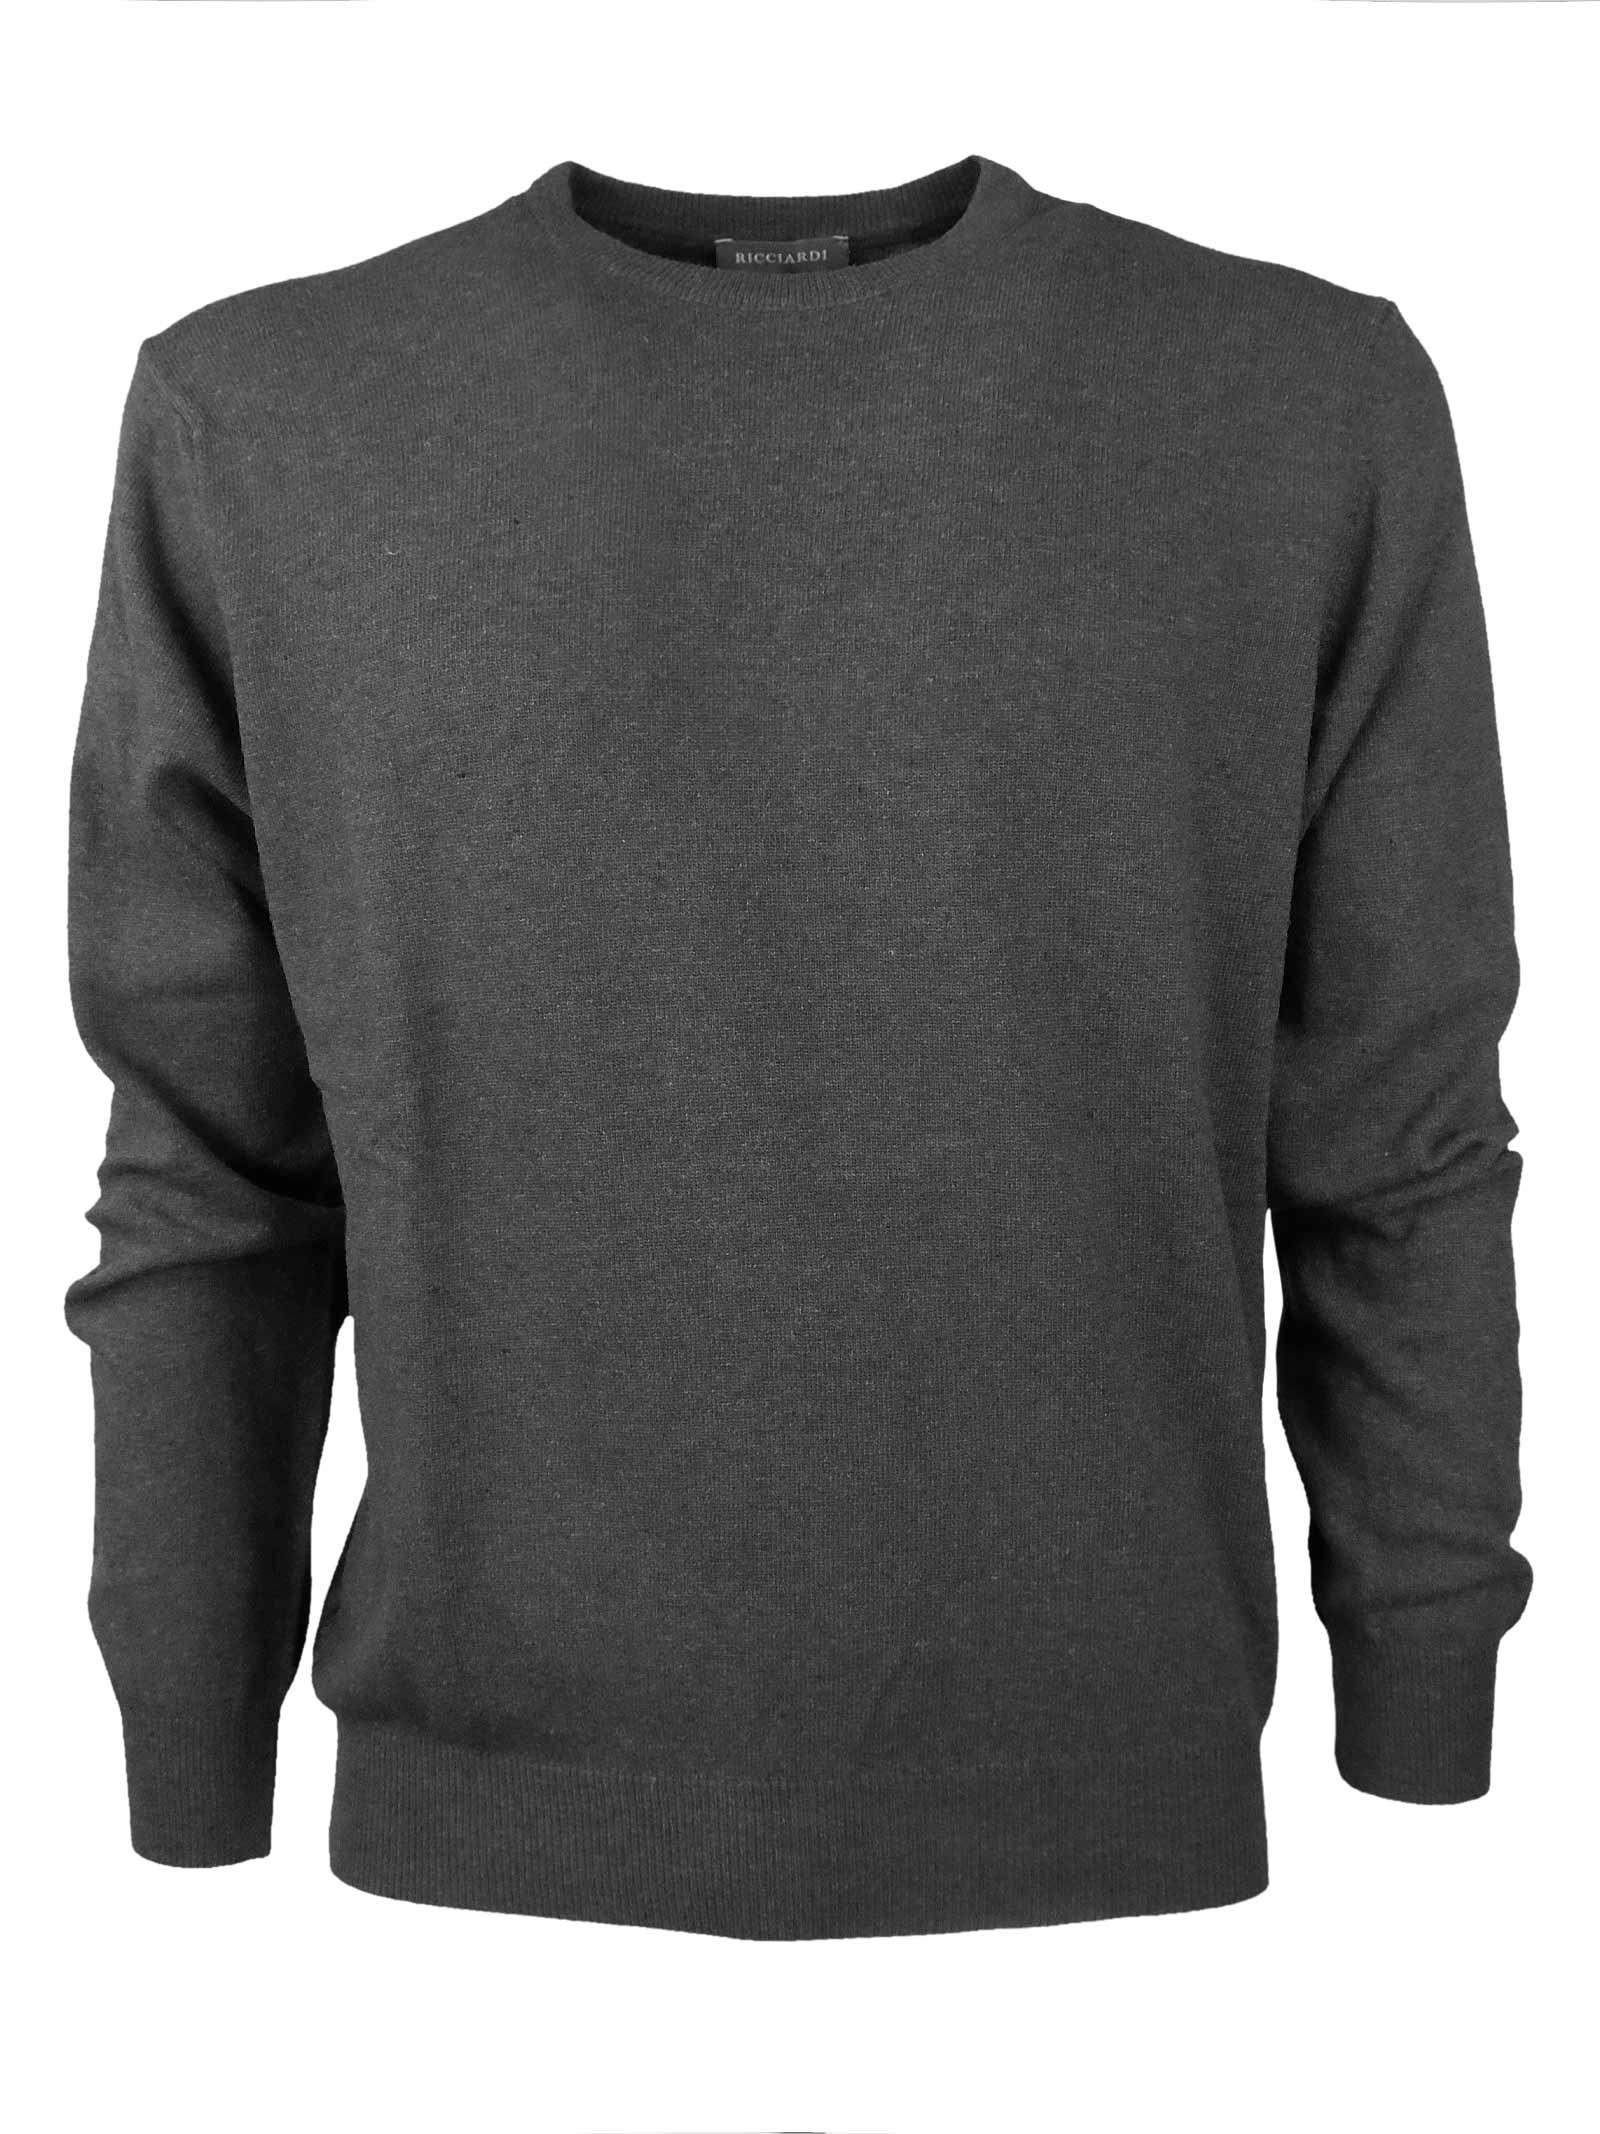 RICCIARDI | Knitwear | 455615040